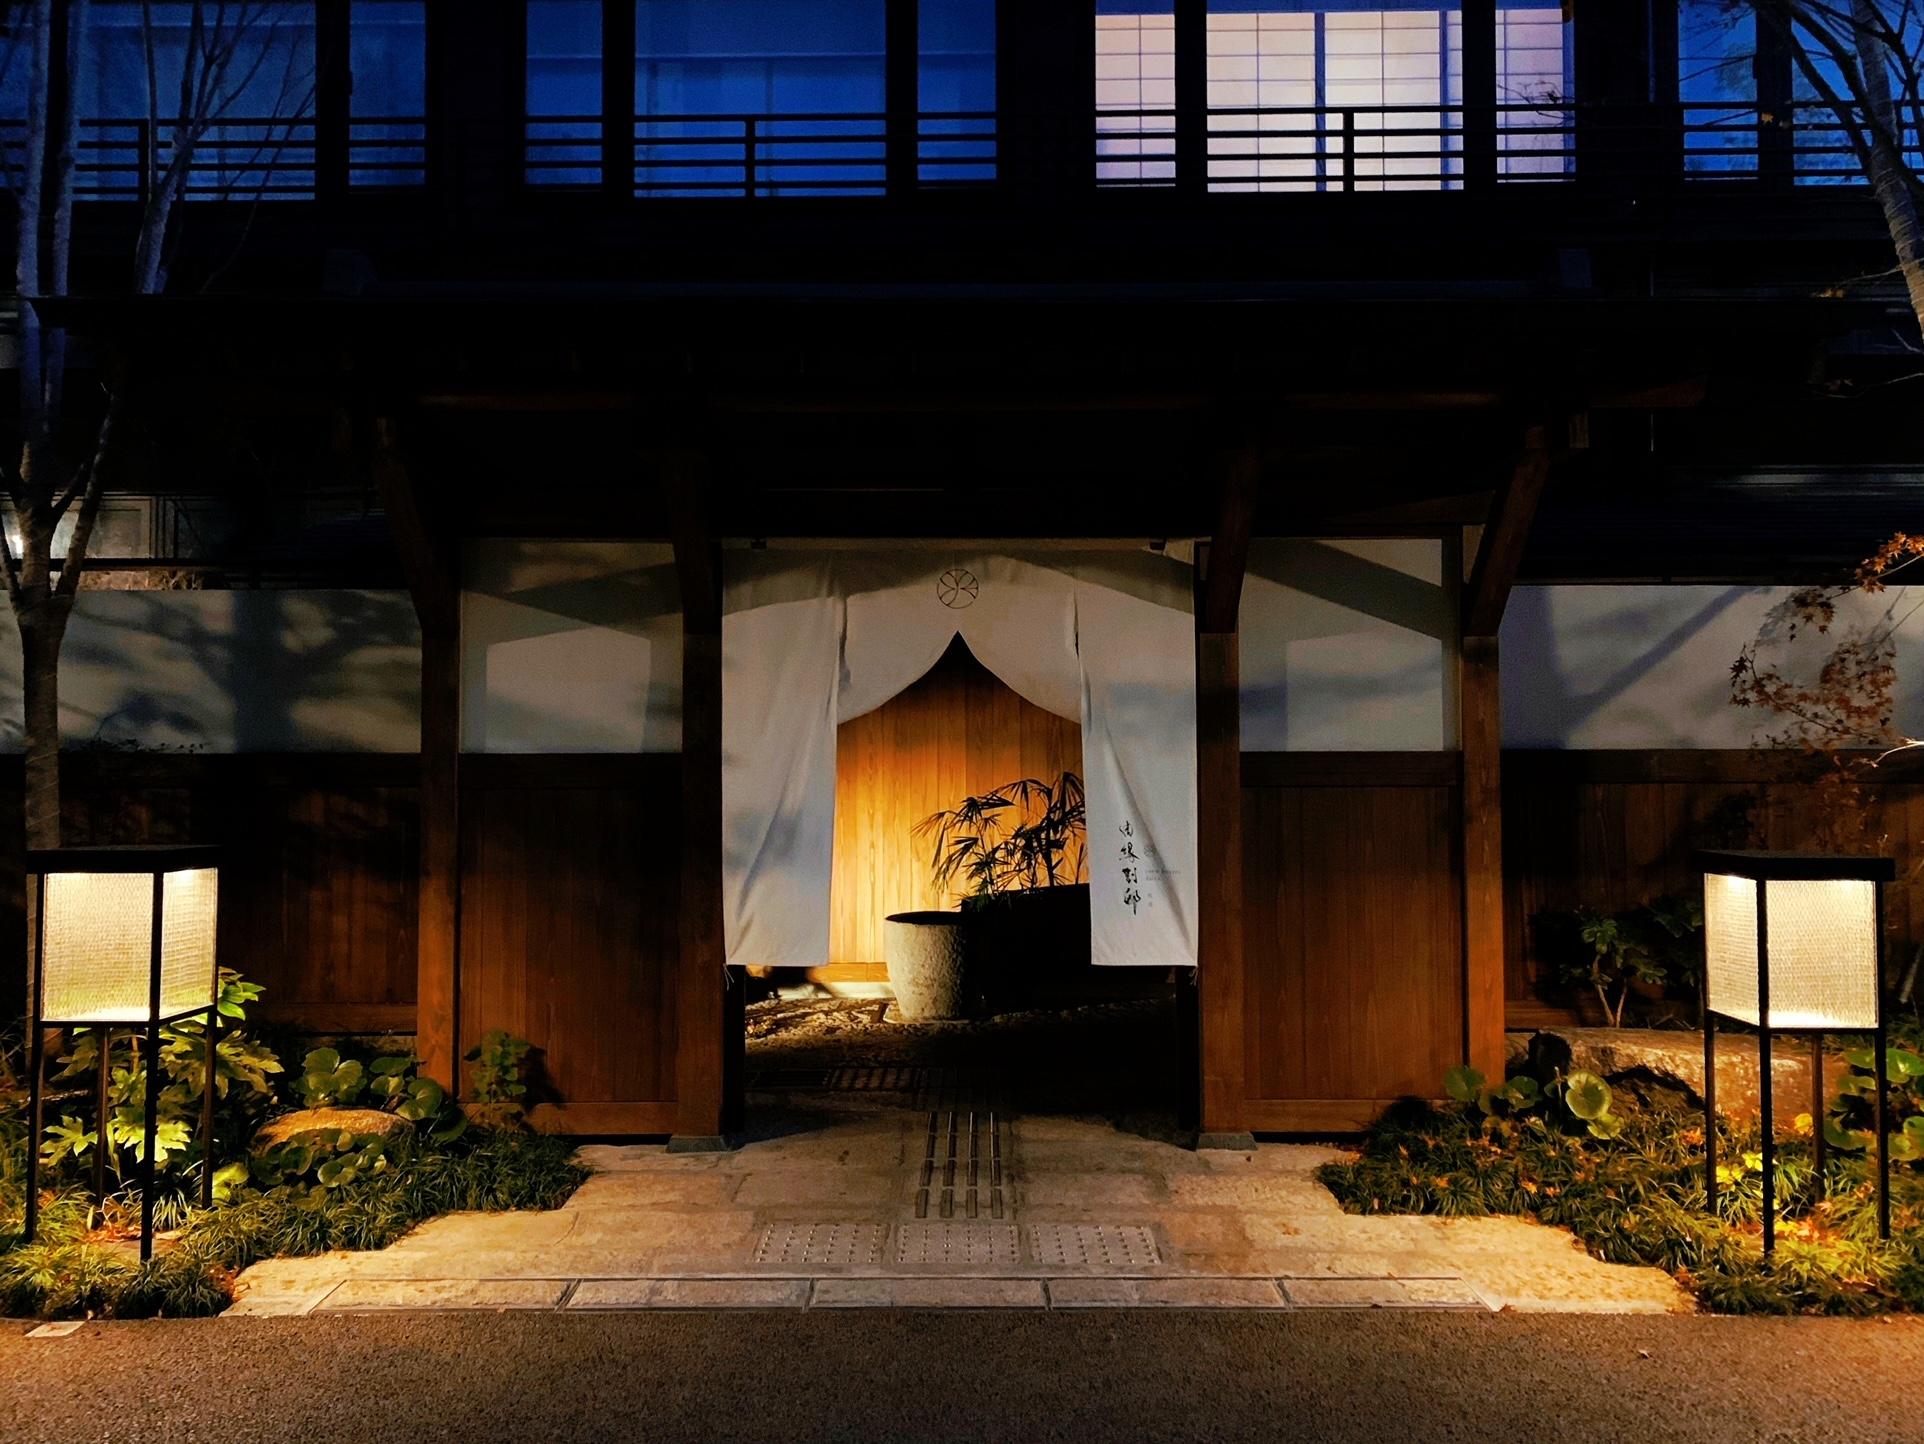 【なかなか予約が取れない!】東京に居ながらにして《箱根の温泉を楽しめる人気スポット》に行ってきた♡_1